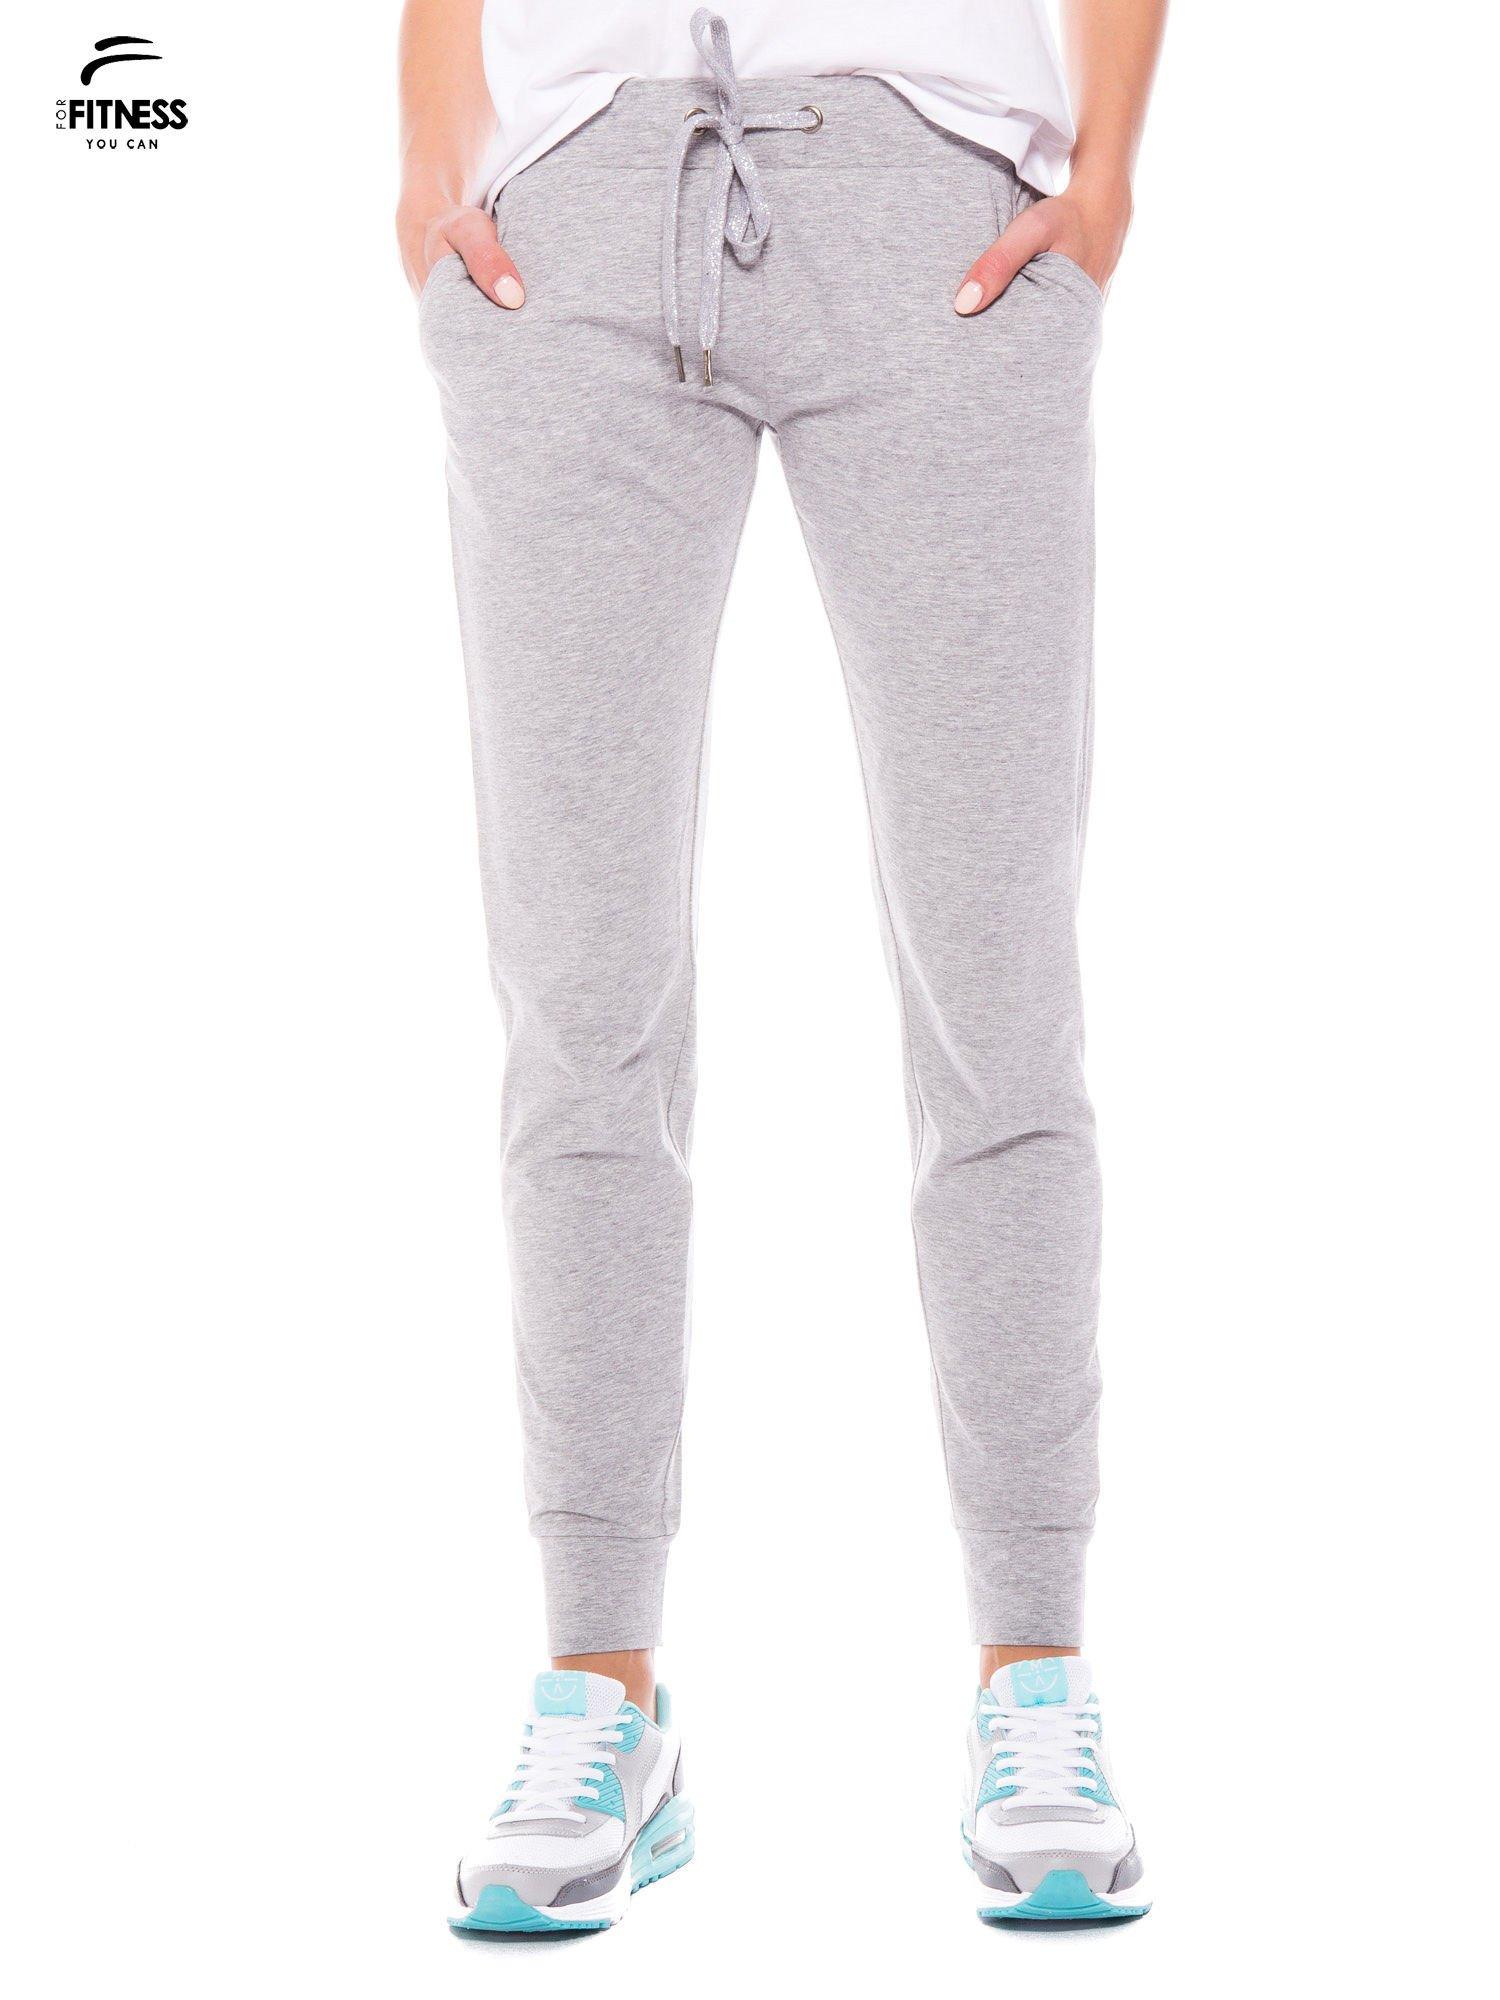 Szare dresowe spodnie damskie ze ściągaczem i błyszczącym sznurkiem                                  zdj.                                  1